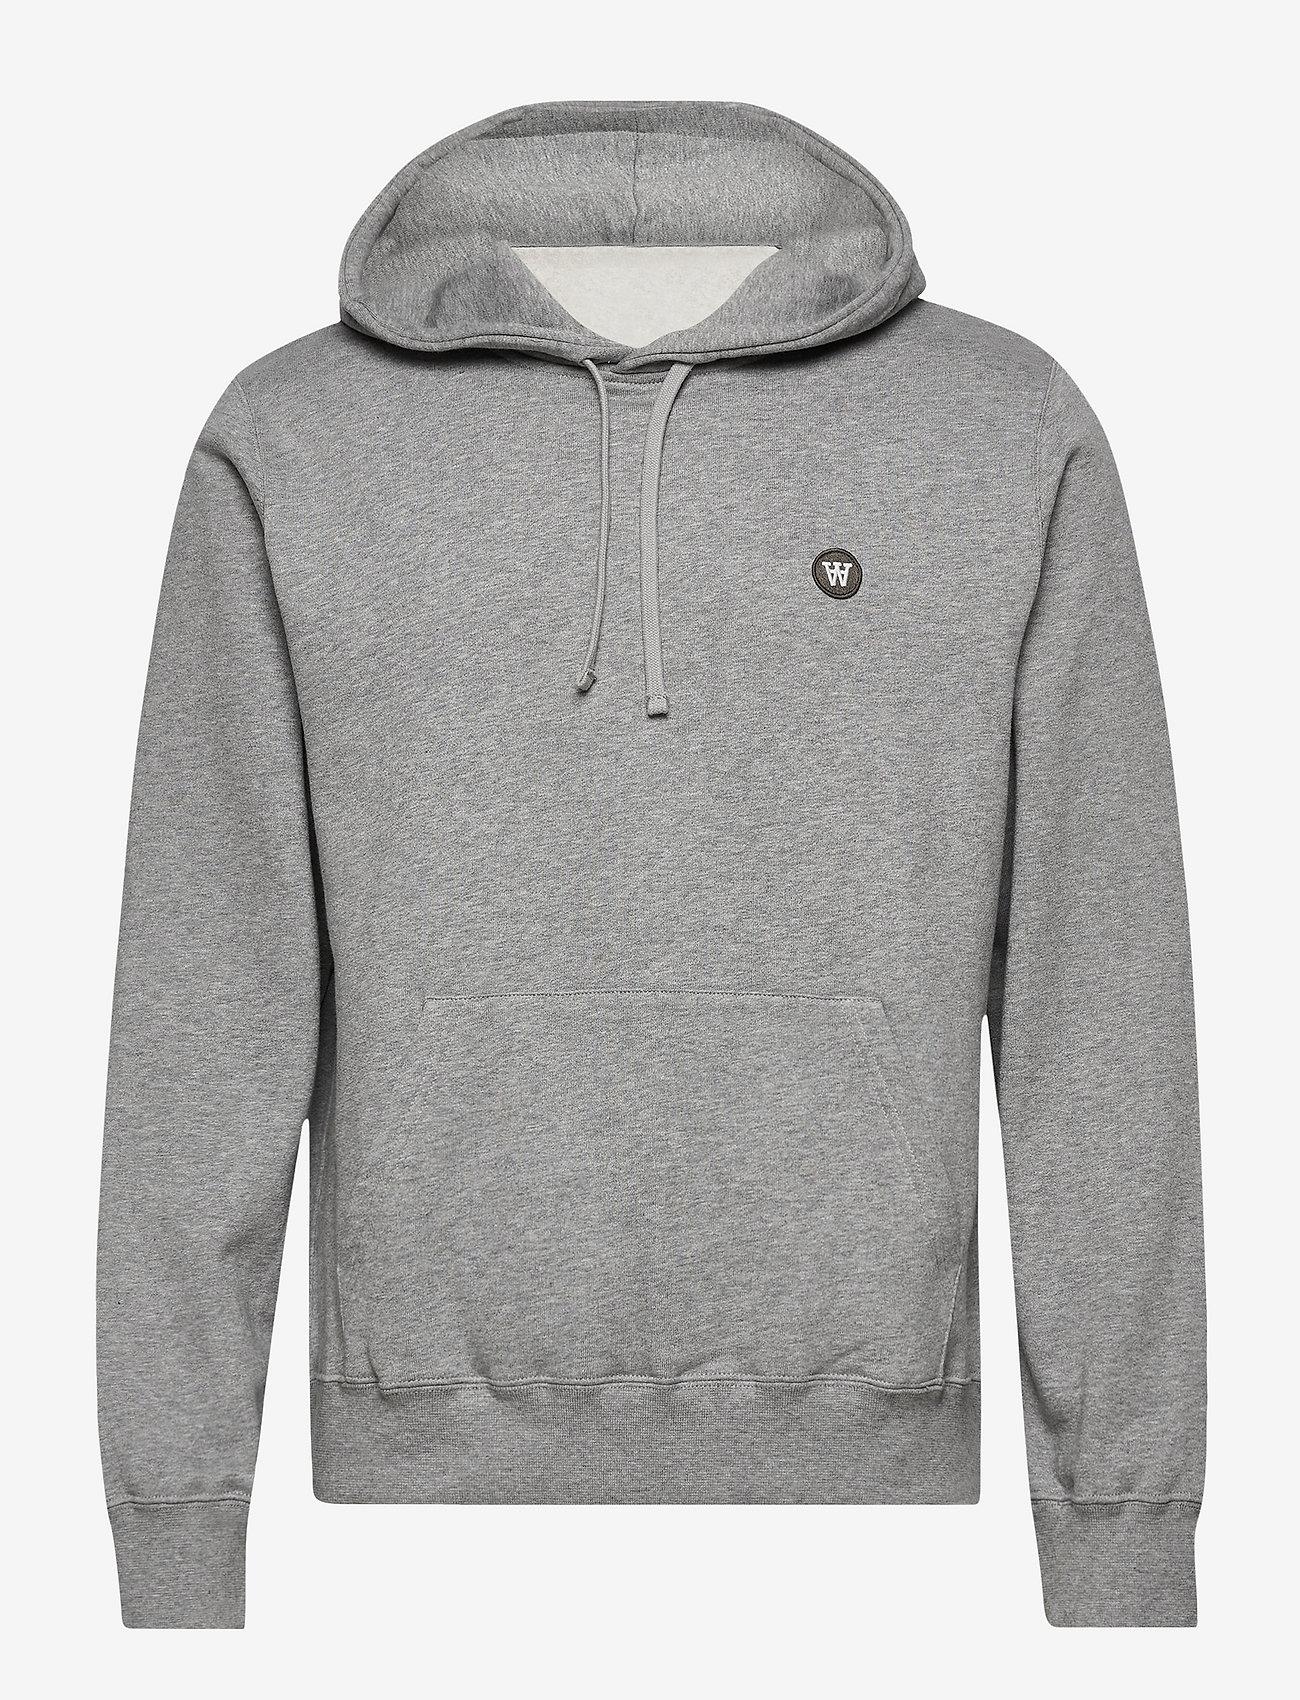 Wood Wood - Ian hoodie - hoodies - grey melange/green - 0